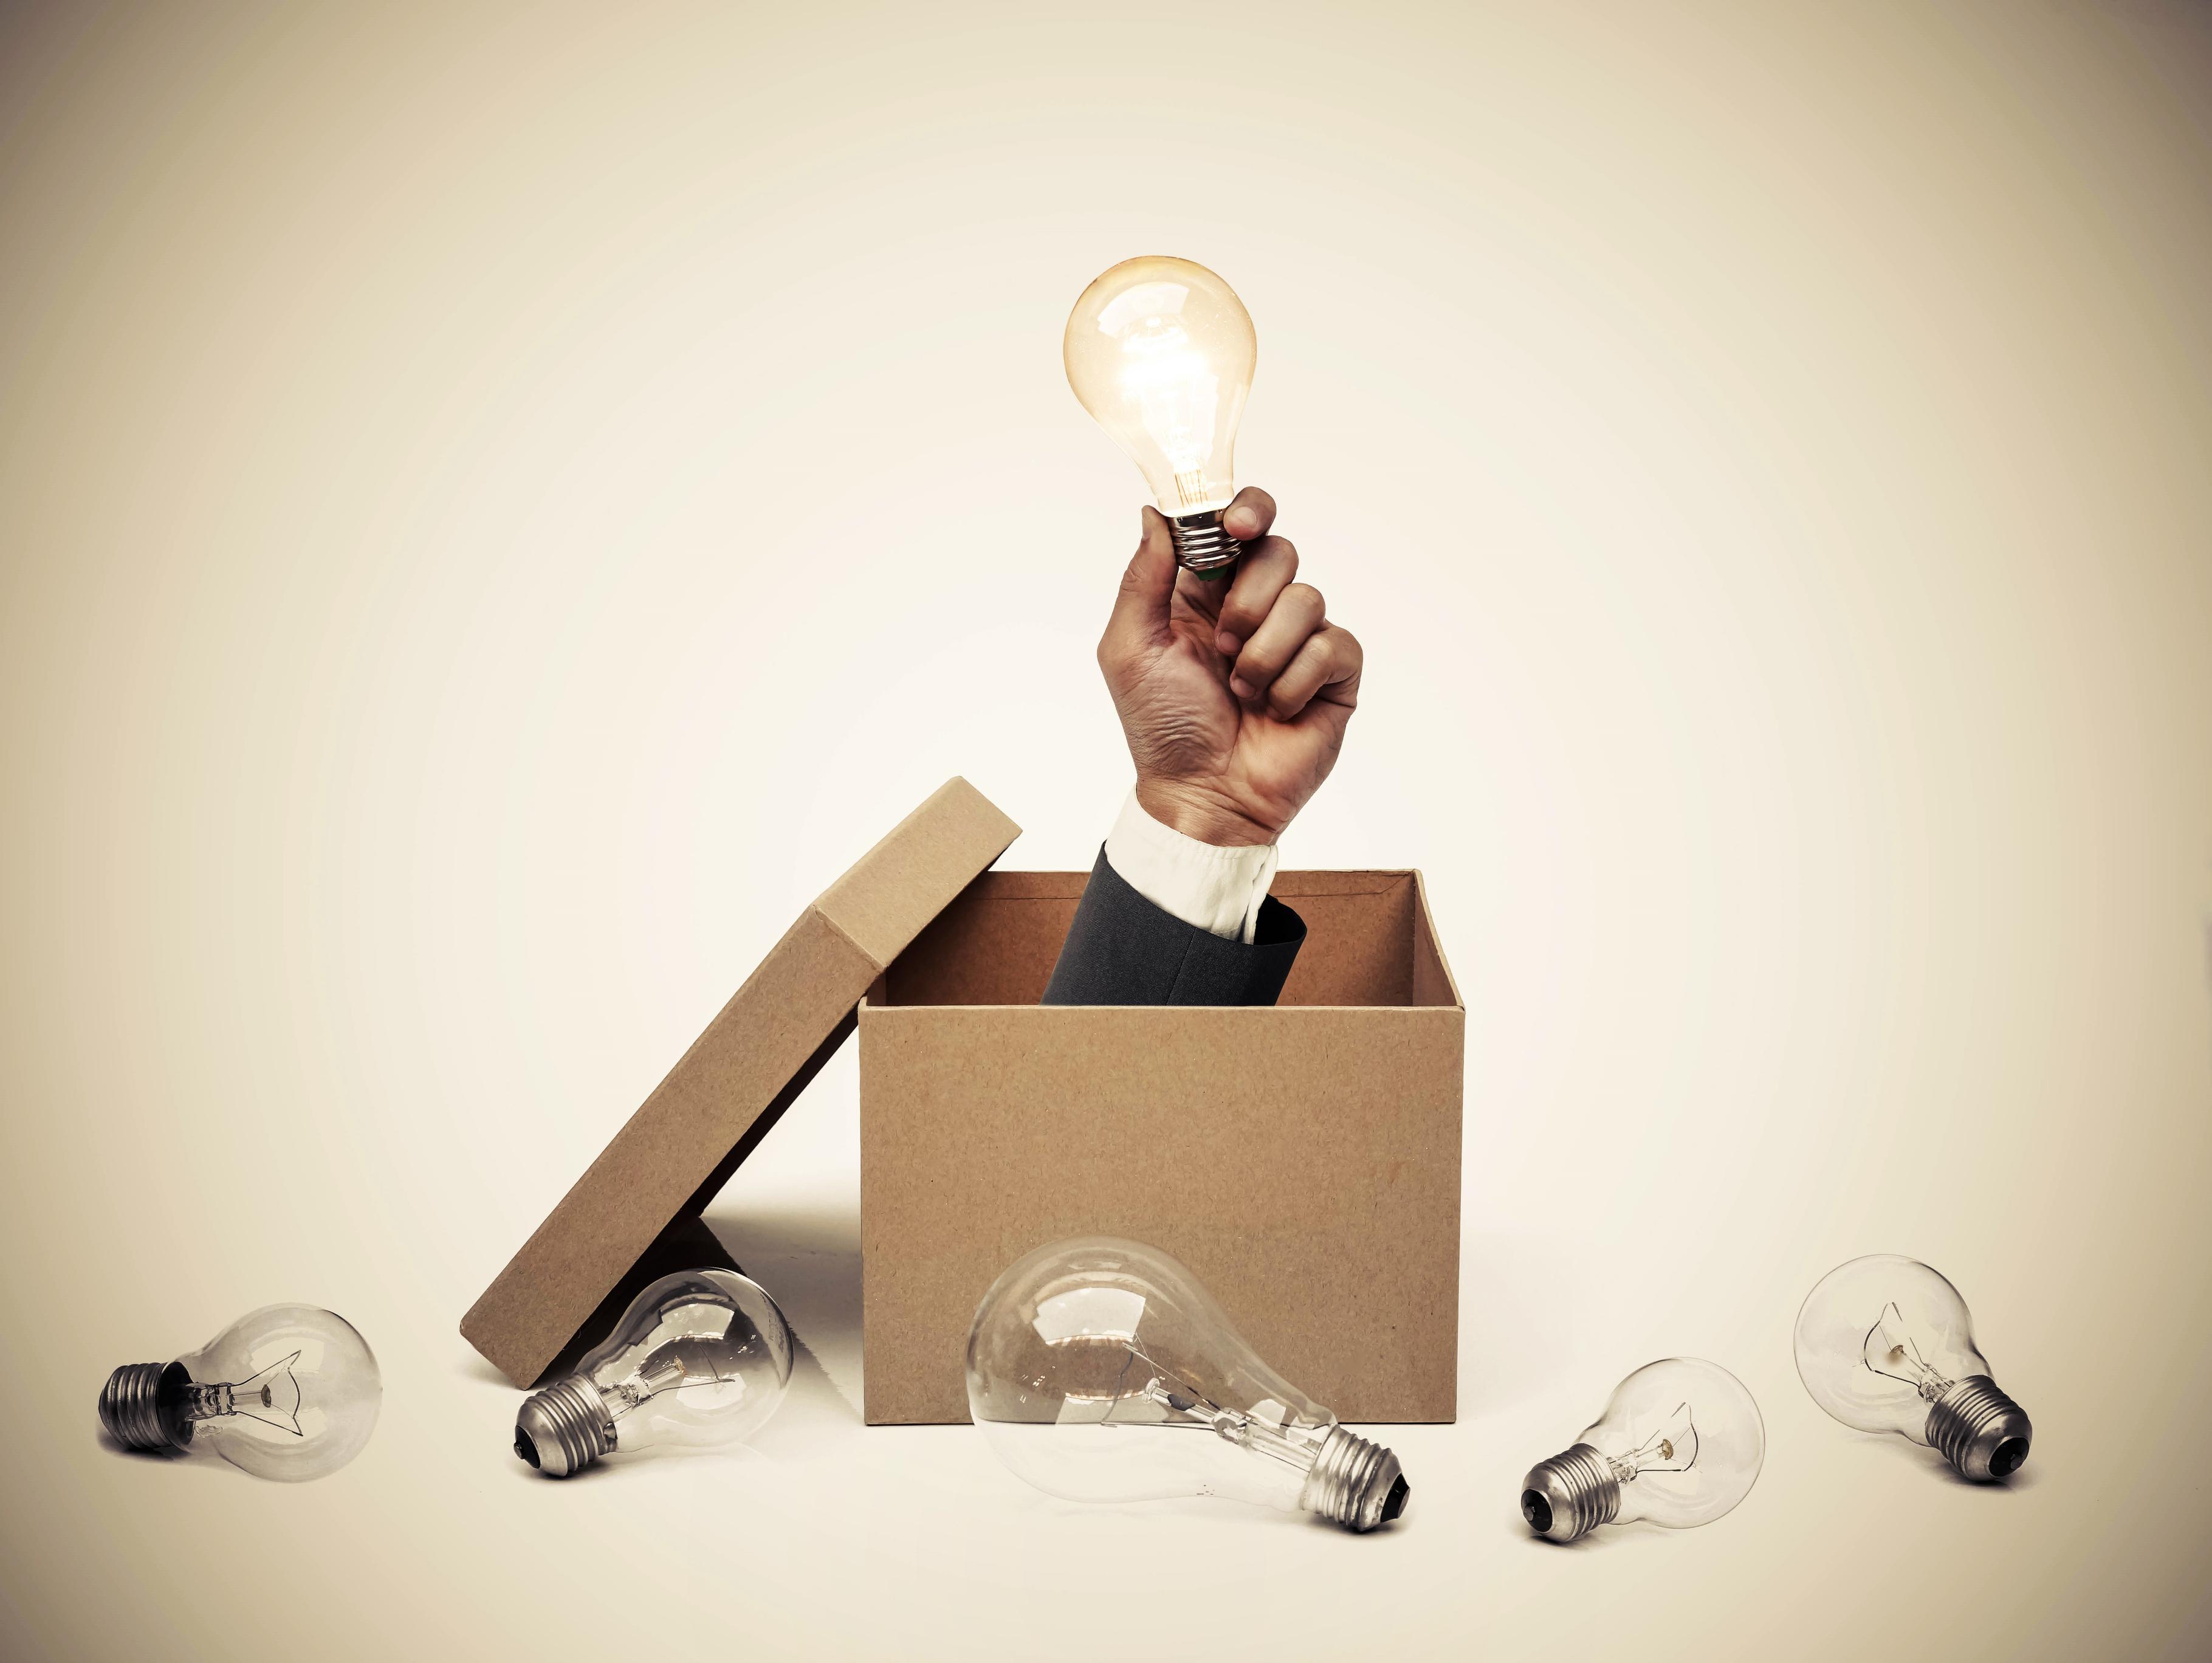 Gestione della successione aziendale: i consigli di Business Up per le PMI